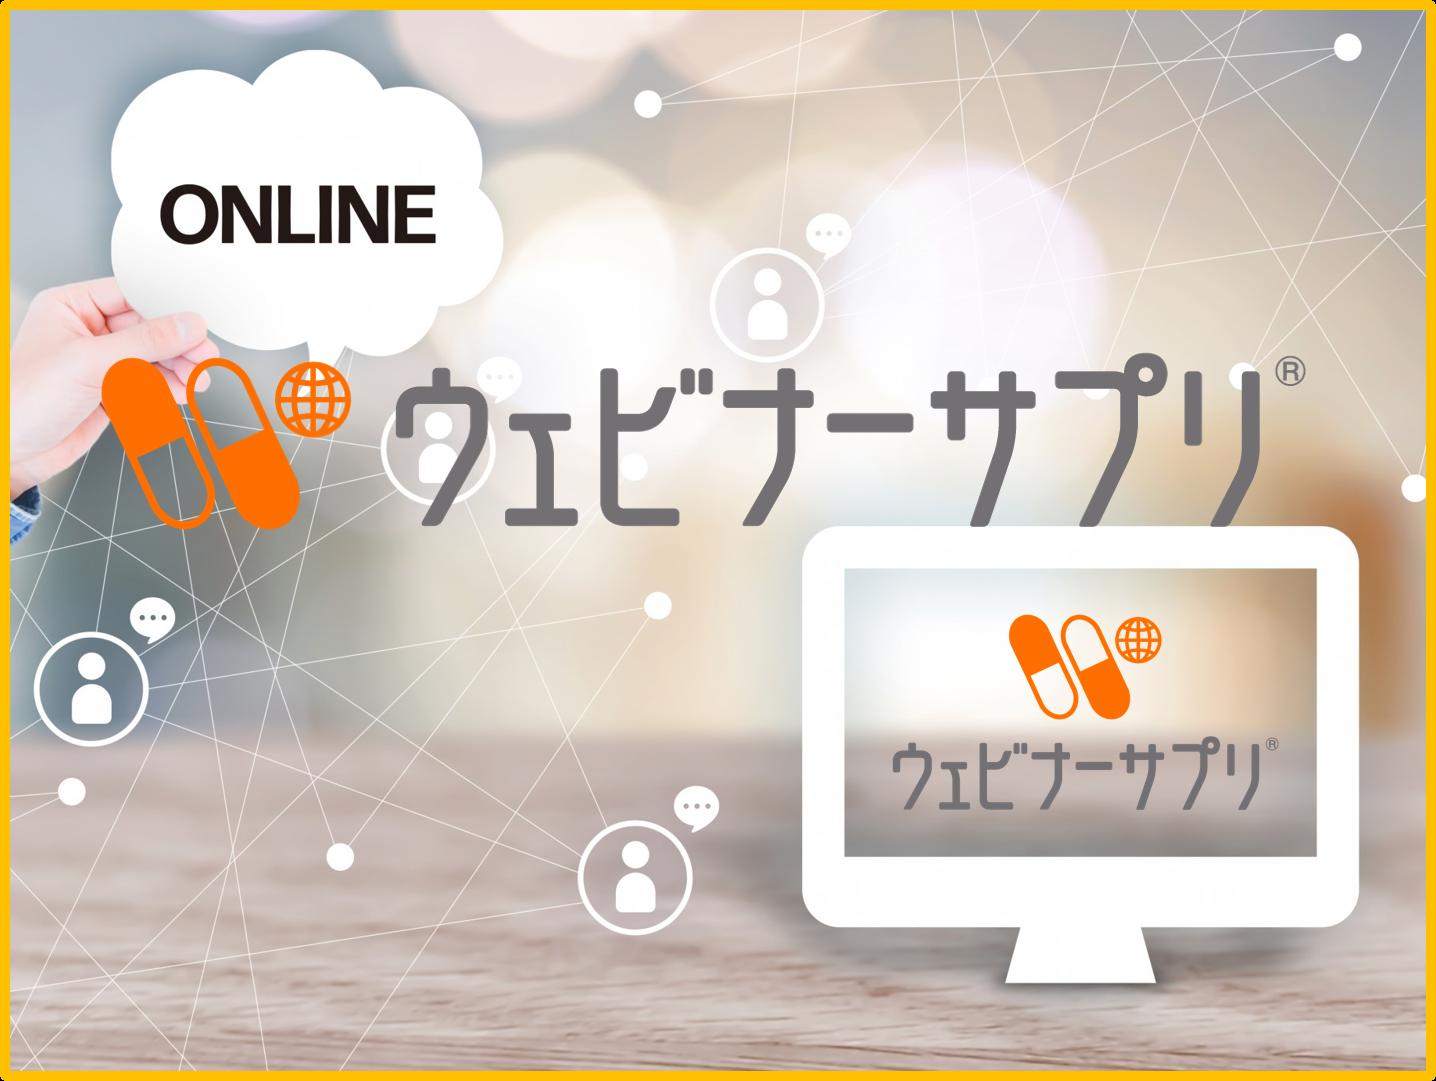 オンラインで満たすあなたのスキル!新サービス『ウェビナーサプリ』スタート